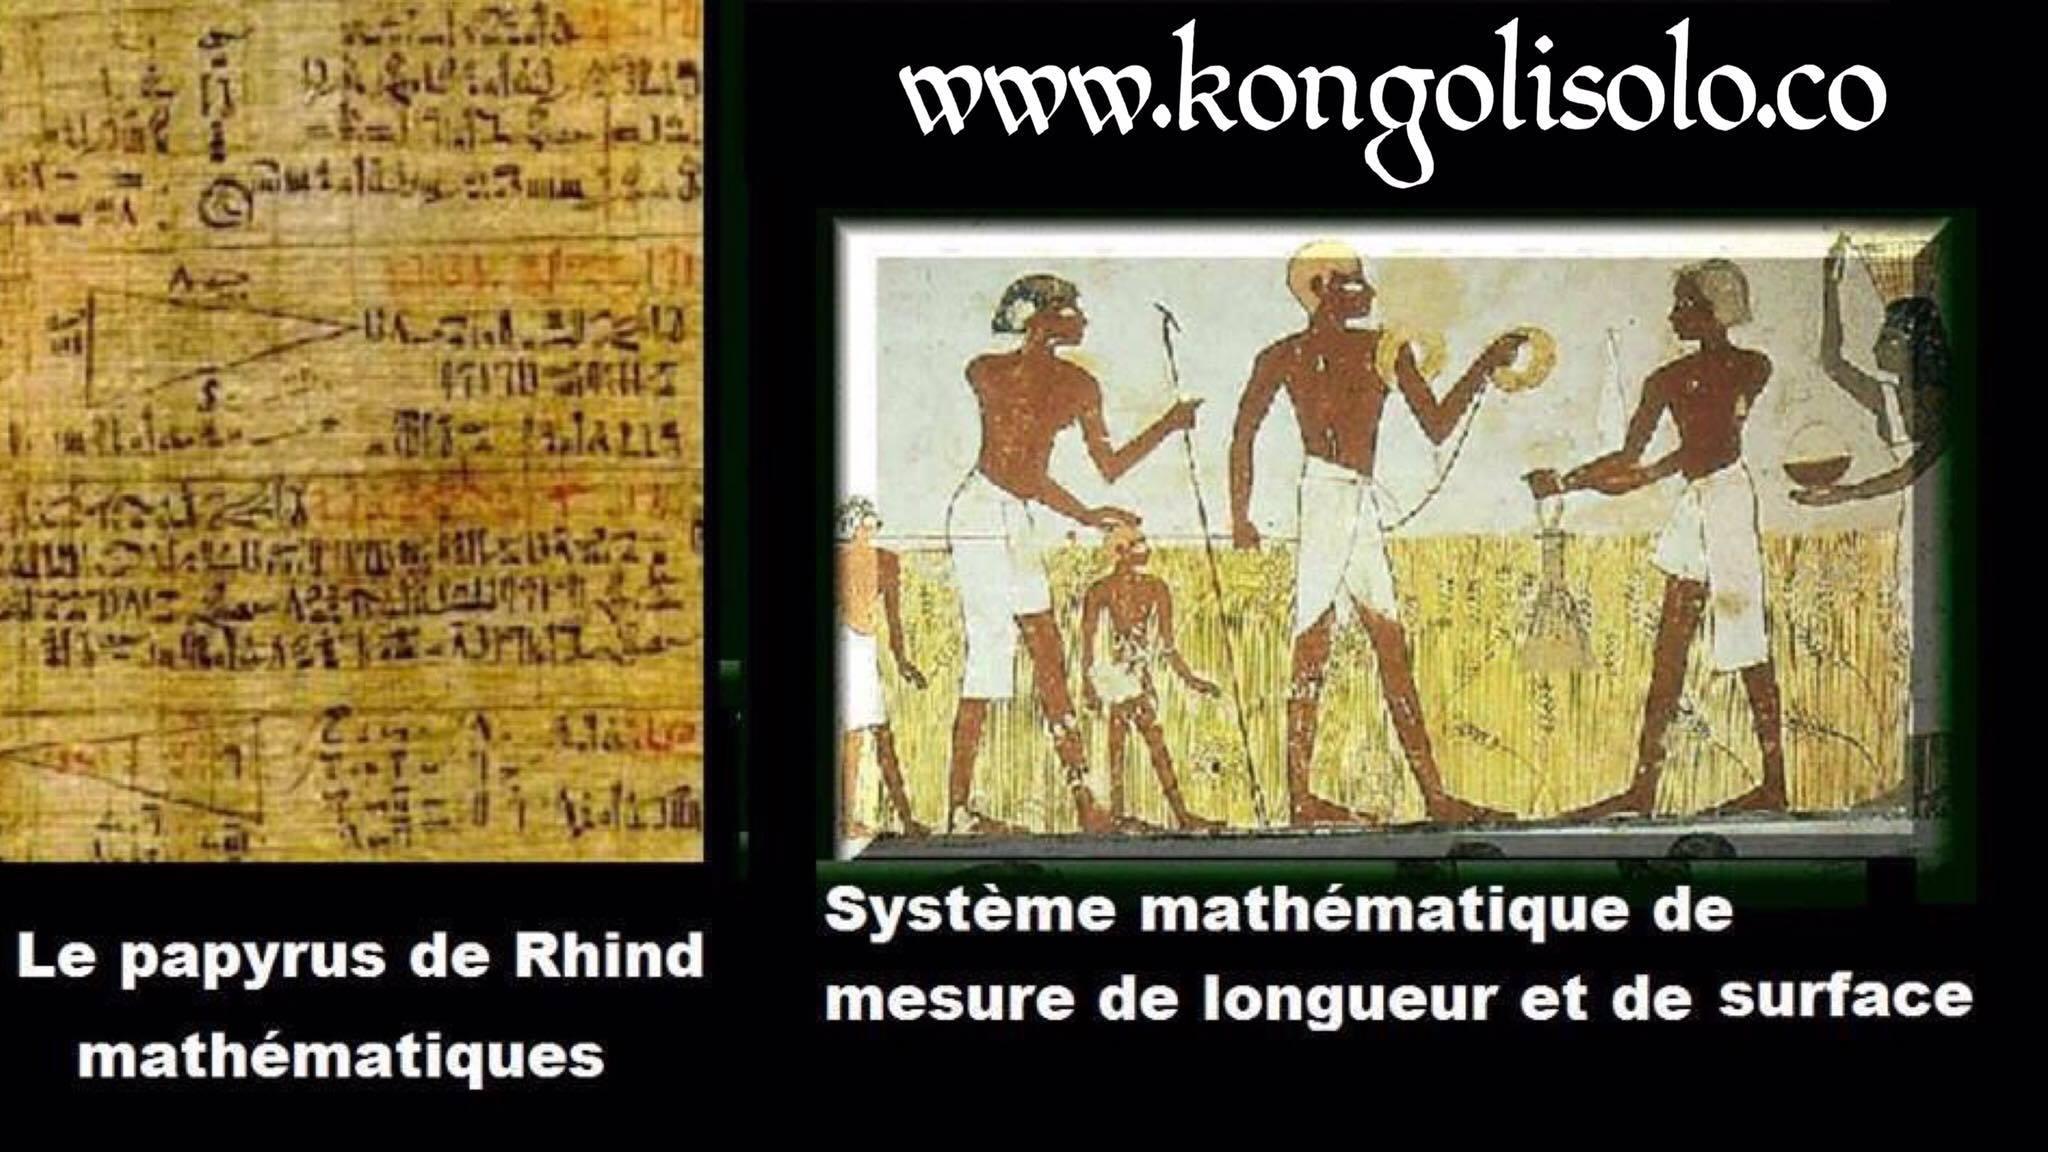 Héritage volé : les Africains ont offert au monde les maths, l'algèbre, la géométrie  et la trigonométrie ... Ce sont les Africains qui ont inventé les mathématiques